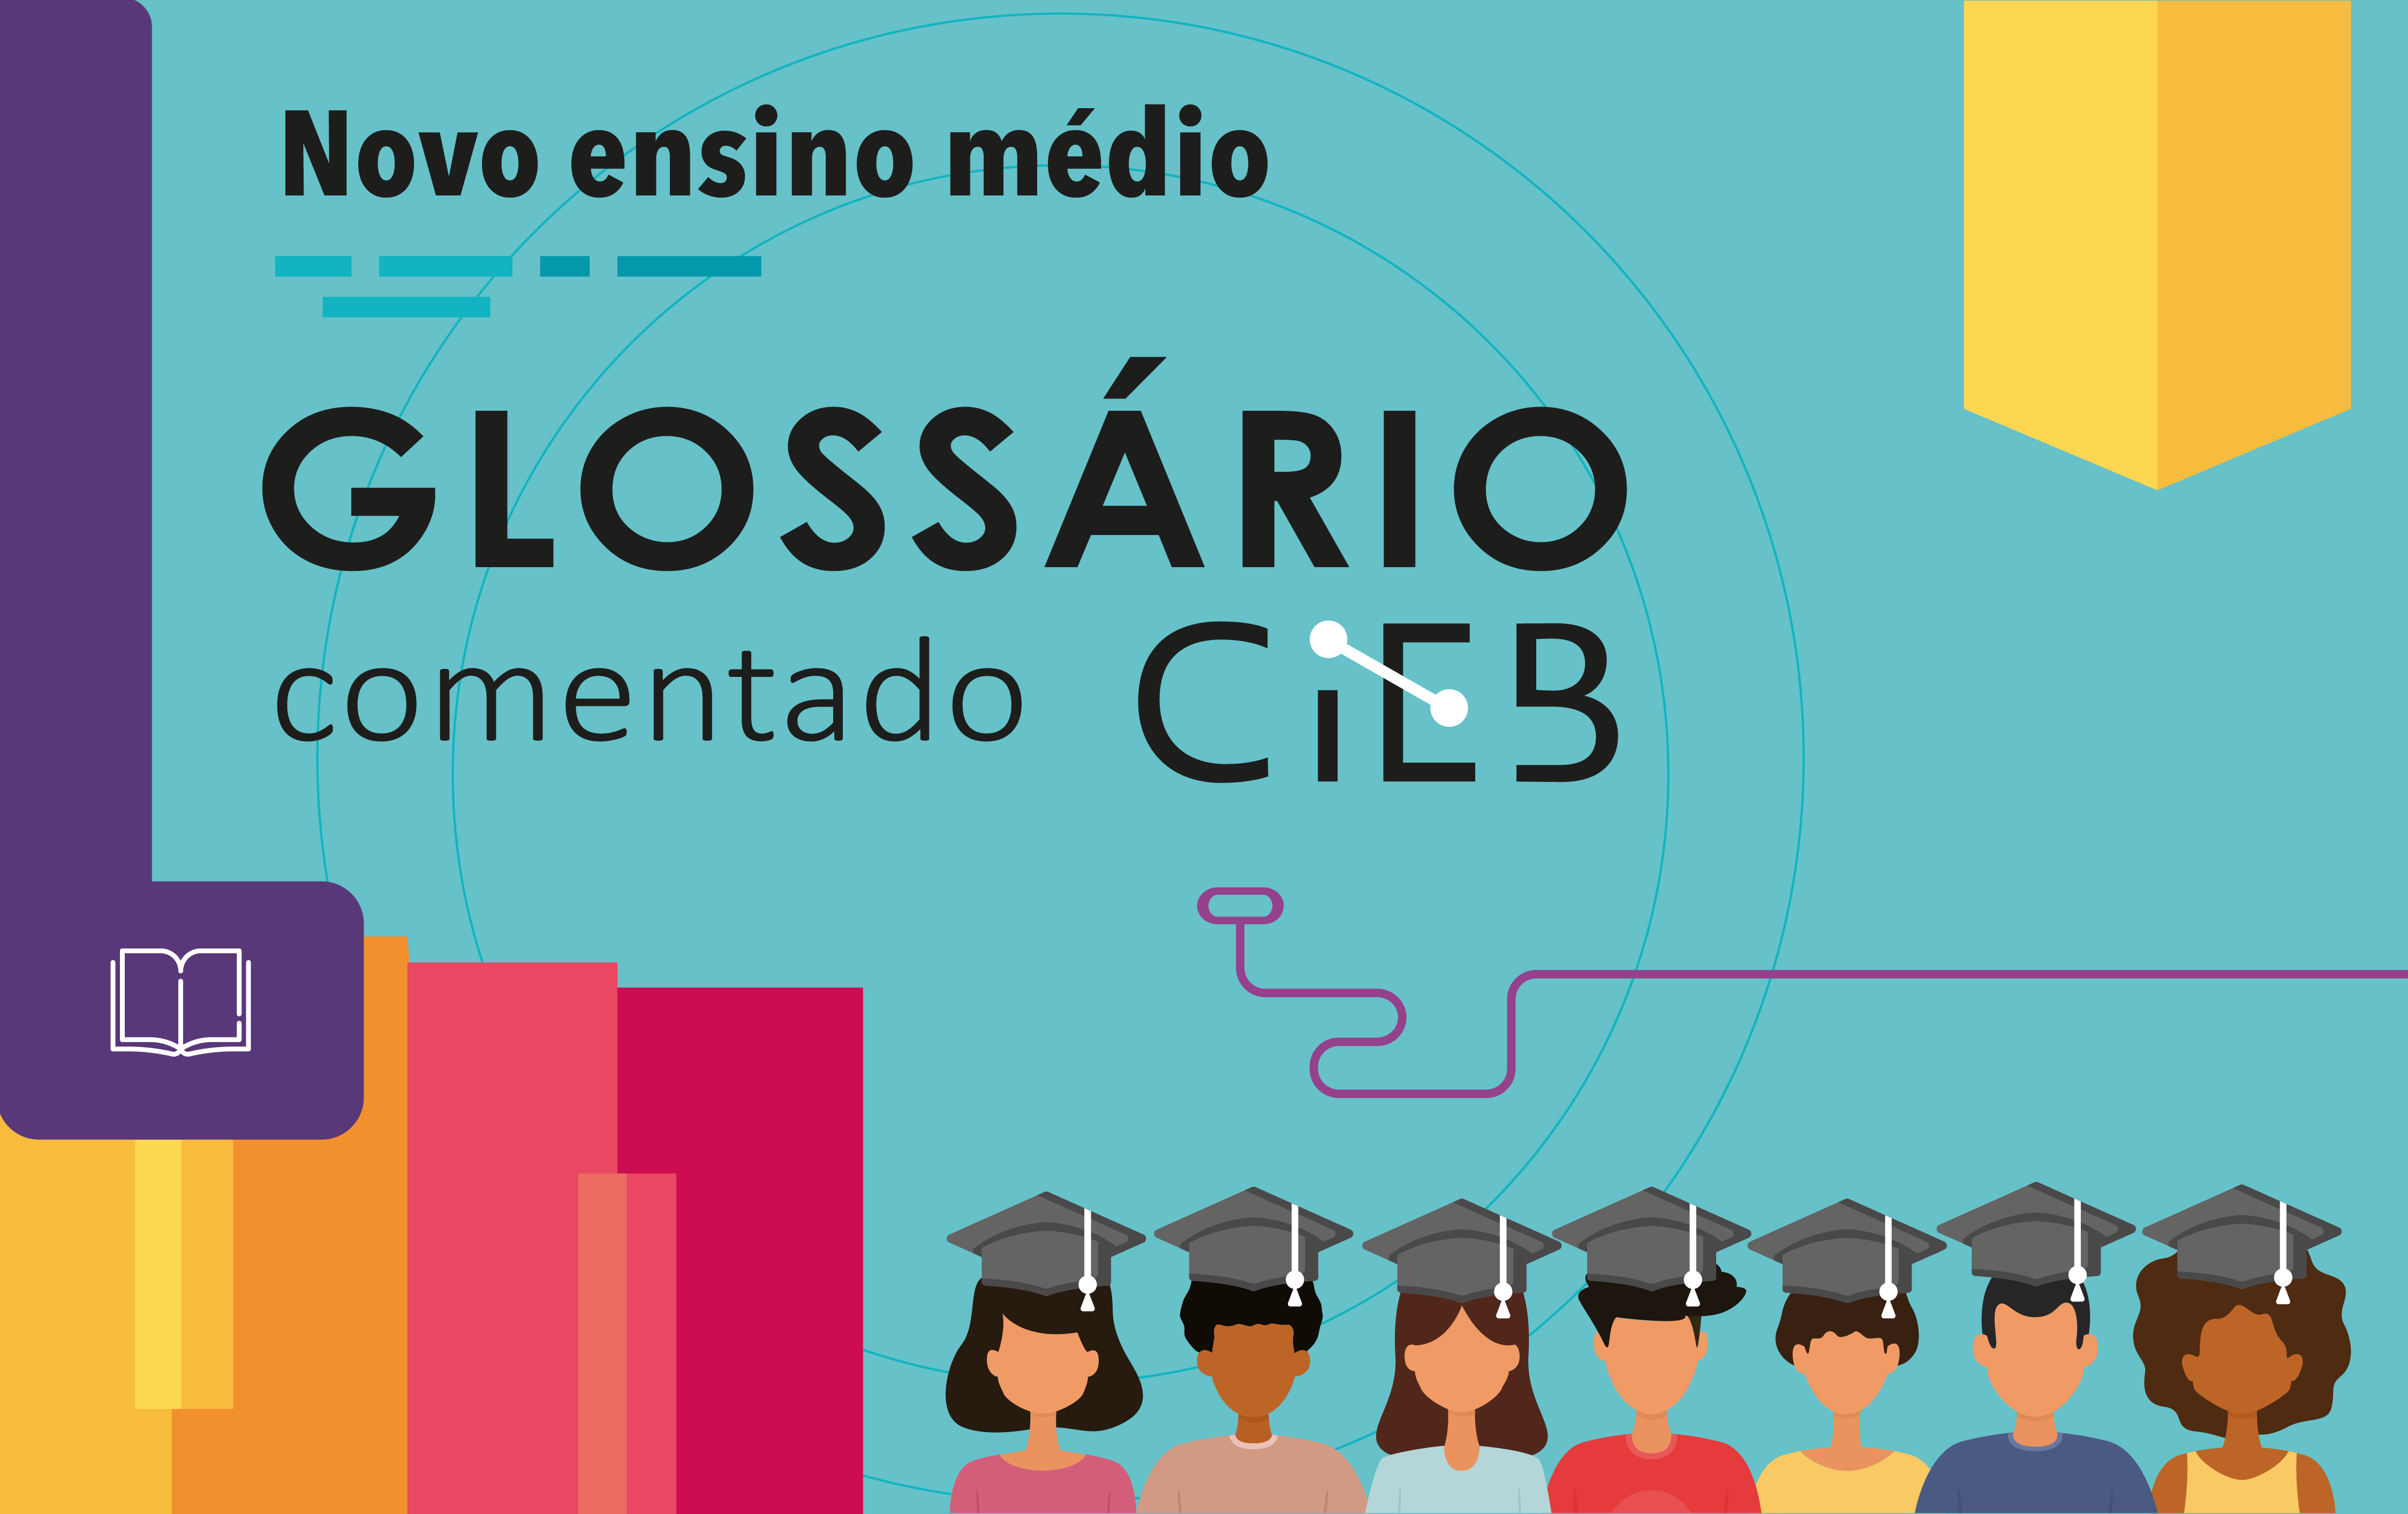 Glossário explica termos relacionados ao novo ensino médio e à formação técnica e profissional